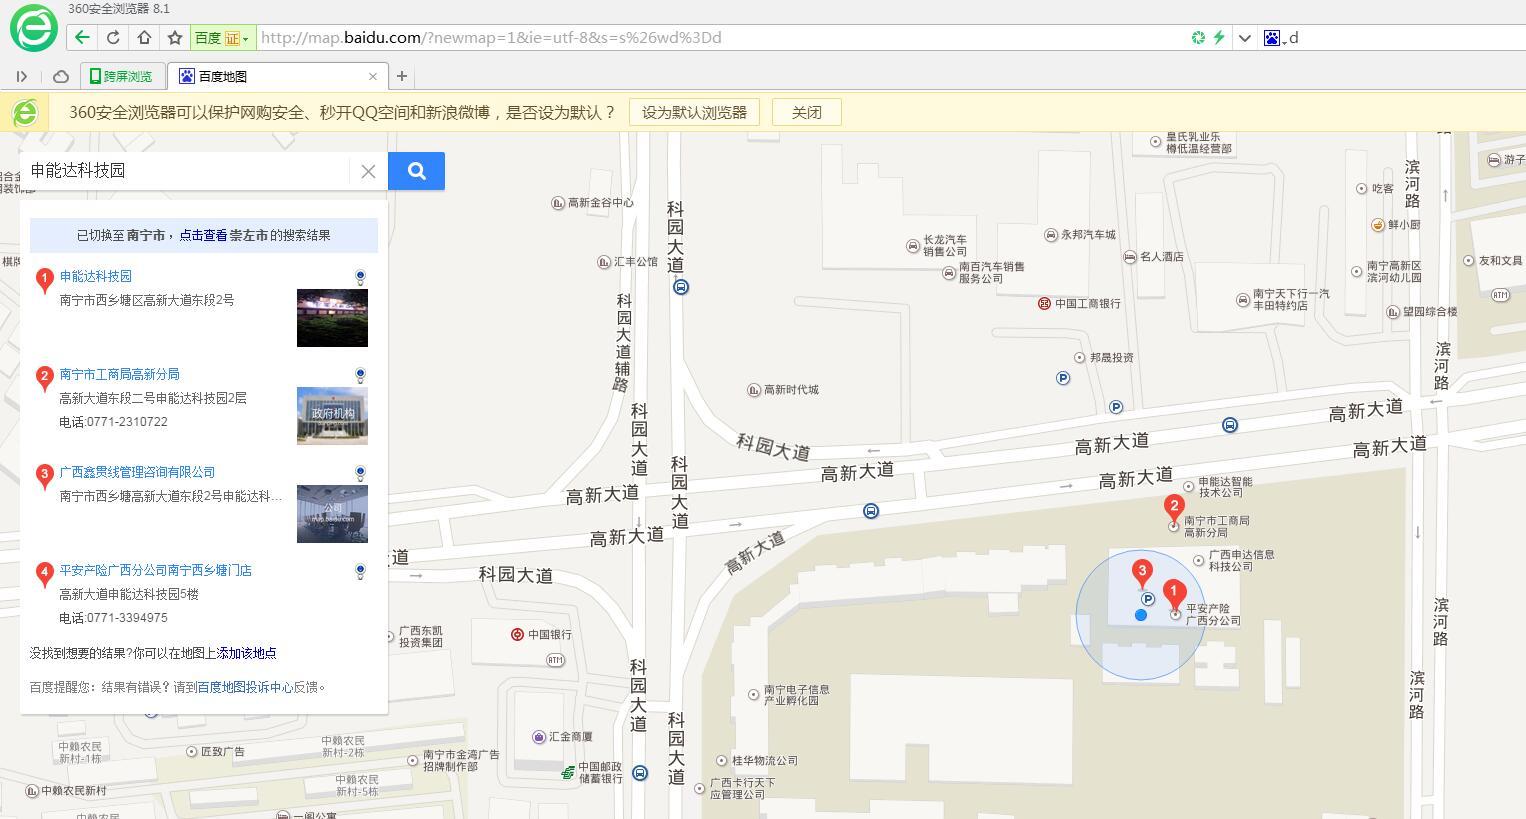 申能达科技园实际地址